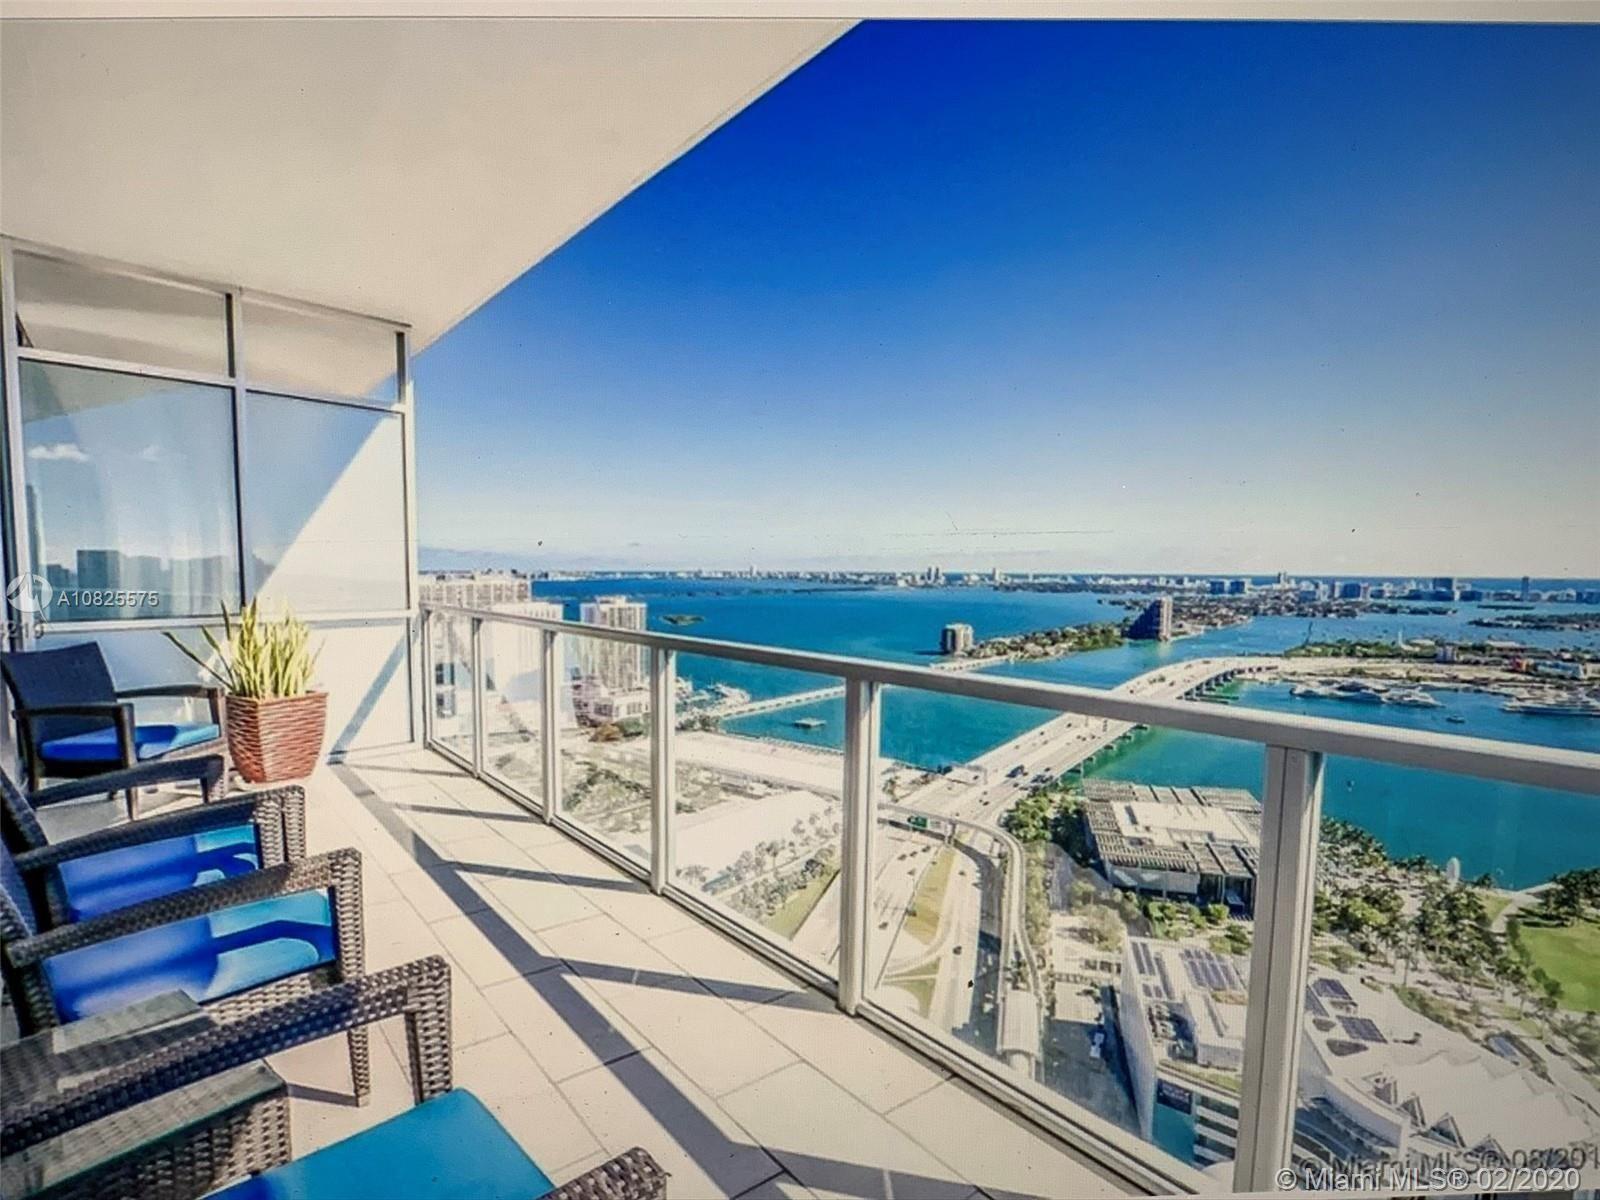 1100 Biscayne Blvd #4003, Miami, FL 33132 - #: A10825575